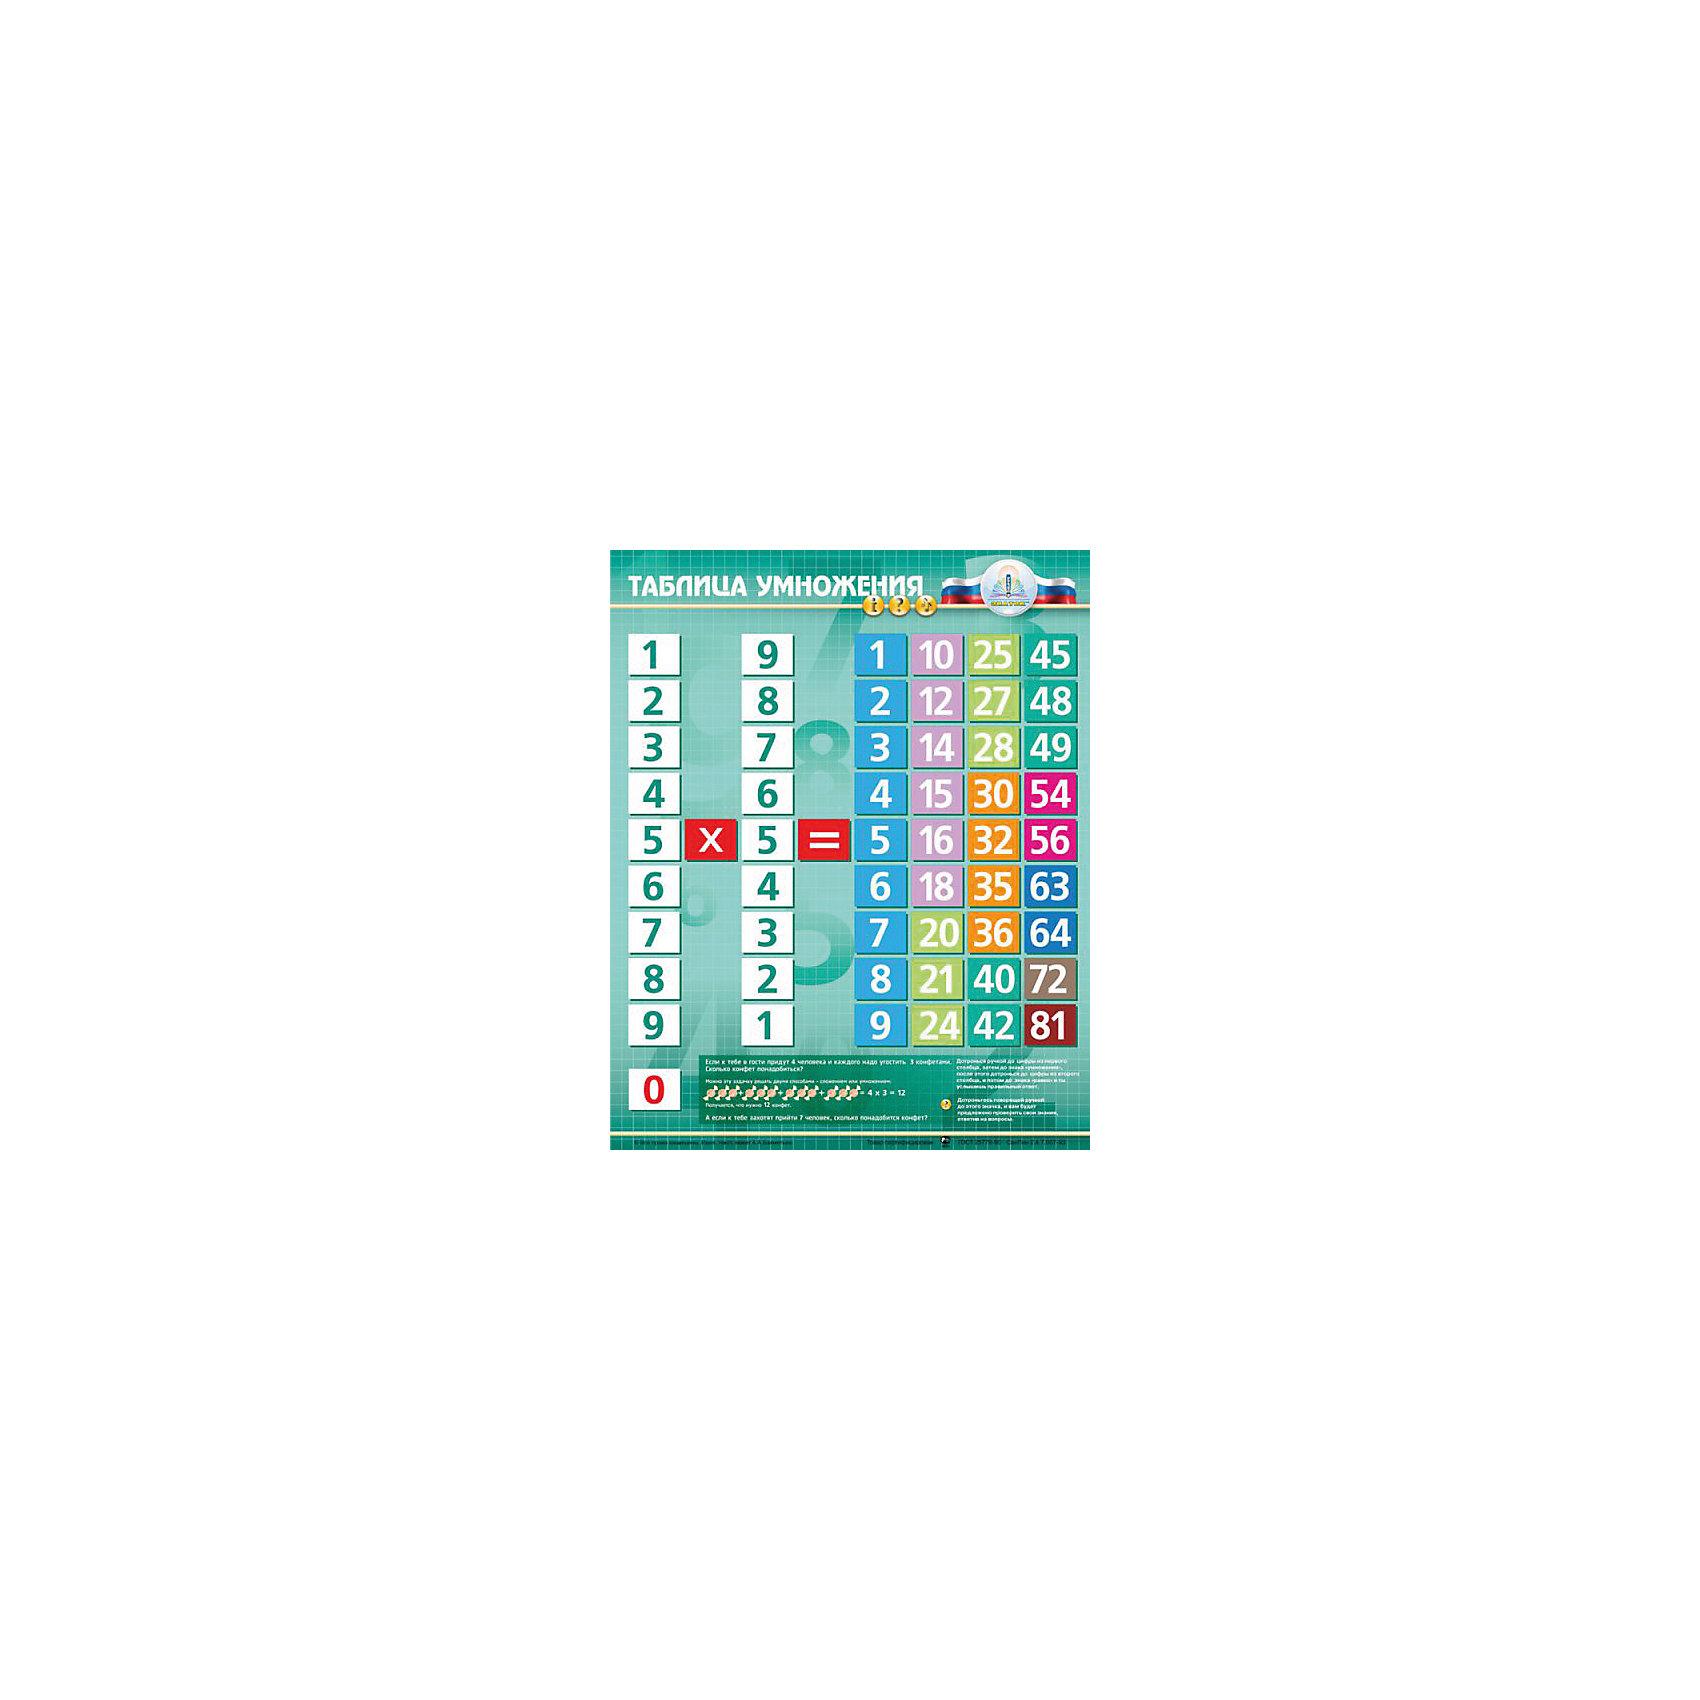 Электронный звуковой плакат Говорящая таблица умноженияОбучающие плакаты и планшеты<br>Электронный звуковой плакат Говорящая таблица умножения, Знаток<br><br>Характеристики:<br><br>• поможет ребенку выучить таблицу умножения<br>• регулируемая громкость<br>• сенсорные кнопки<br>• влагозащитная поверхность<br>• материал: пластик, ПВХ<br>• размер упаковки: 48,5х23х4 см<br>• размер плаката: 47х58 см<br>• батарейки: ААА - 3 шт. (входят в комплект)<br>• вес: 500 грамм<br><br>Звуковой плакат от торговой марки Знаток поможет ребенку с легкостью выучить таблицу умножения. Плакат озвучит каждое действие и споет веселую песенку. Модель изготовлена из прочного материала с влагозащищенным покрытием. Сенсорные кнопки удобны как детям, так и взрослым. Громкость звука можно регулировать так, чтобы ребенок мог играть самостоятельно, не отвлекая родителей от важных дел. С этим плакатом ваш малыш с радостью узнает таблицу умножения!<br><br>Электронный звуковой плакат Говорящая таблица умножения, Знаток вы можете купить в нашем интернет-магазине.<br><br>Ширина мм: 230<br>Глубина мм: 40<br>Высота мм: 485<br>Вес г: 500<br>Возраст от месяцев: 36<br>Возраст до месяцев: 1188<br>Пол: Унисекс<br>Возраст: Детский<br>SKU: 2403144